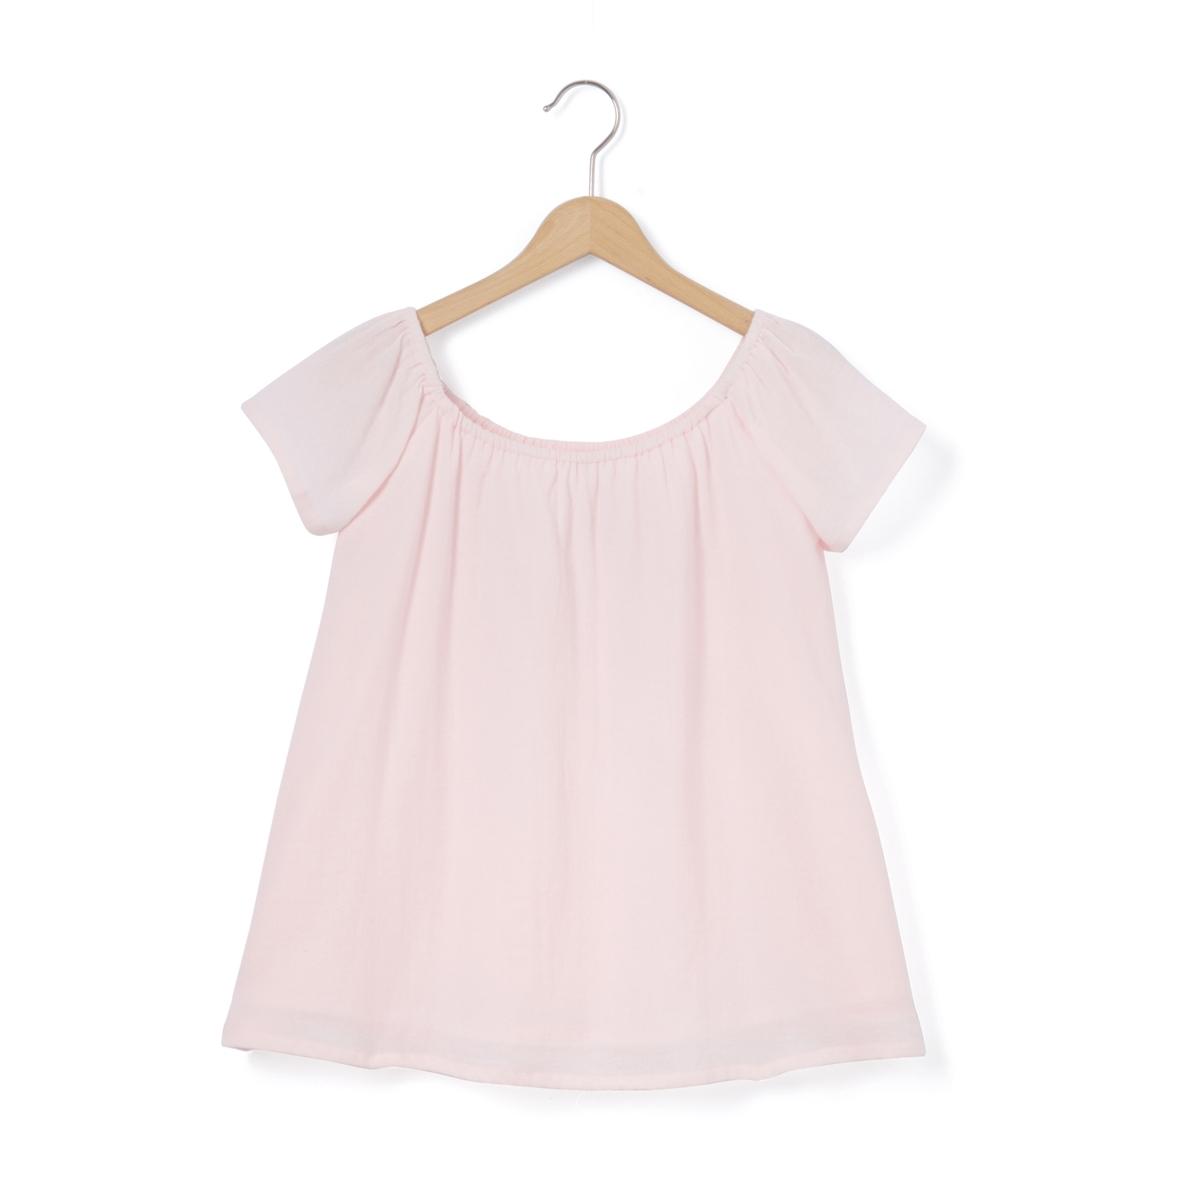 Блузка с открытыми плечами, 10-16 лет